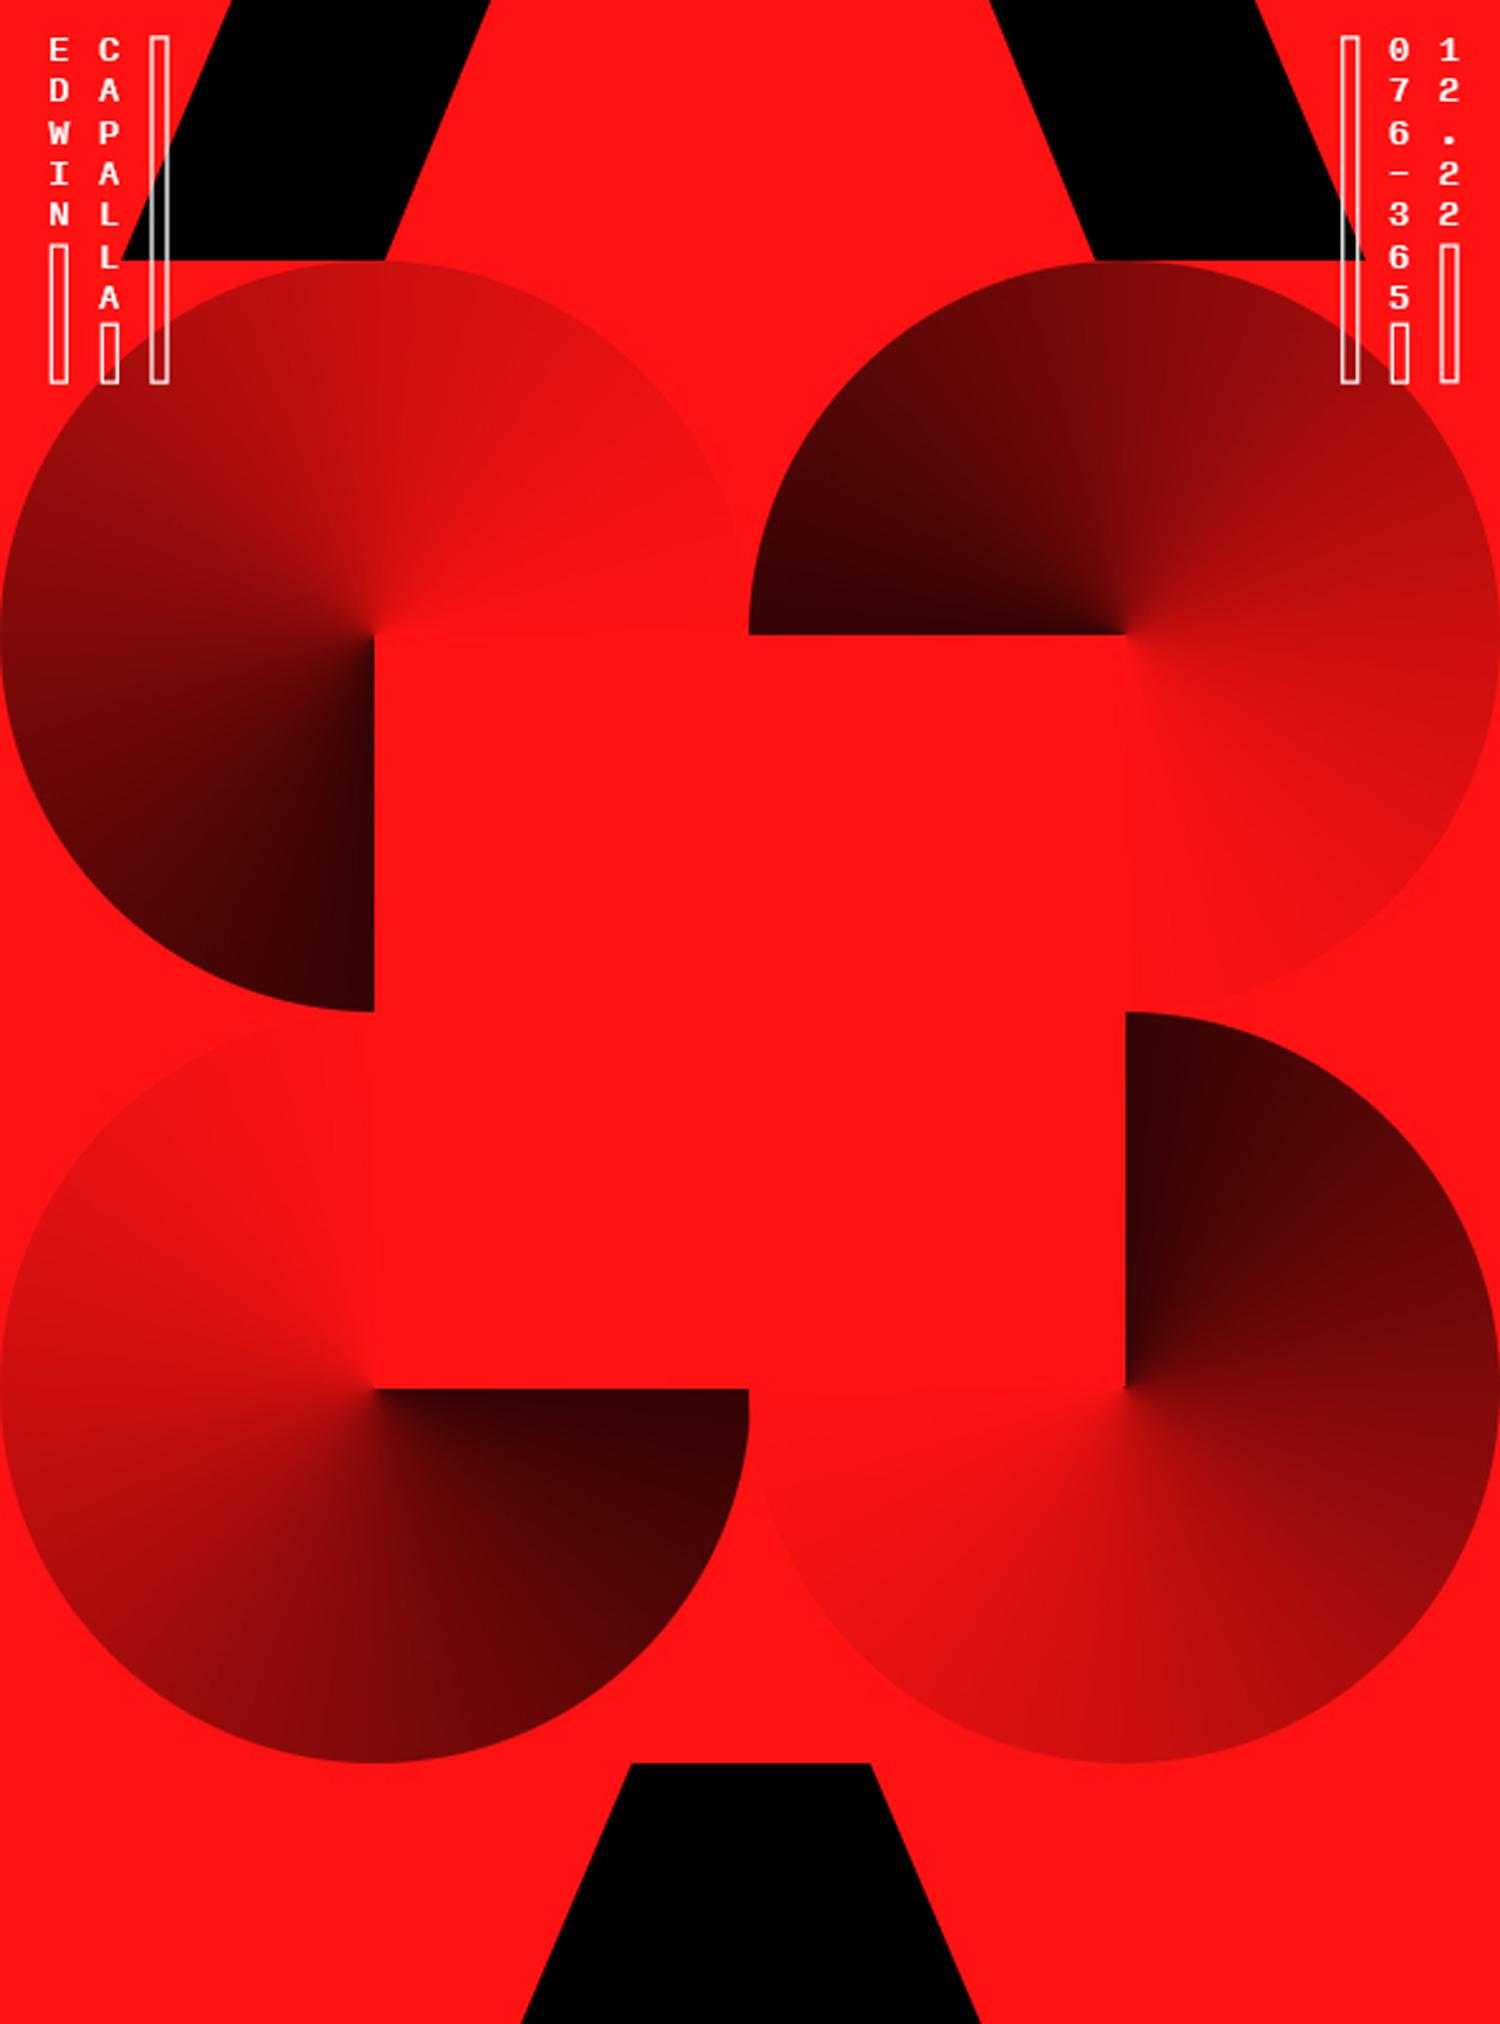 sample5_nobg.jpg